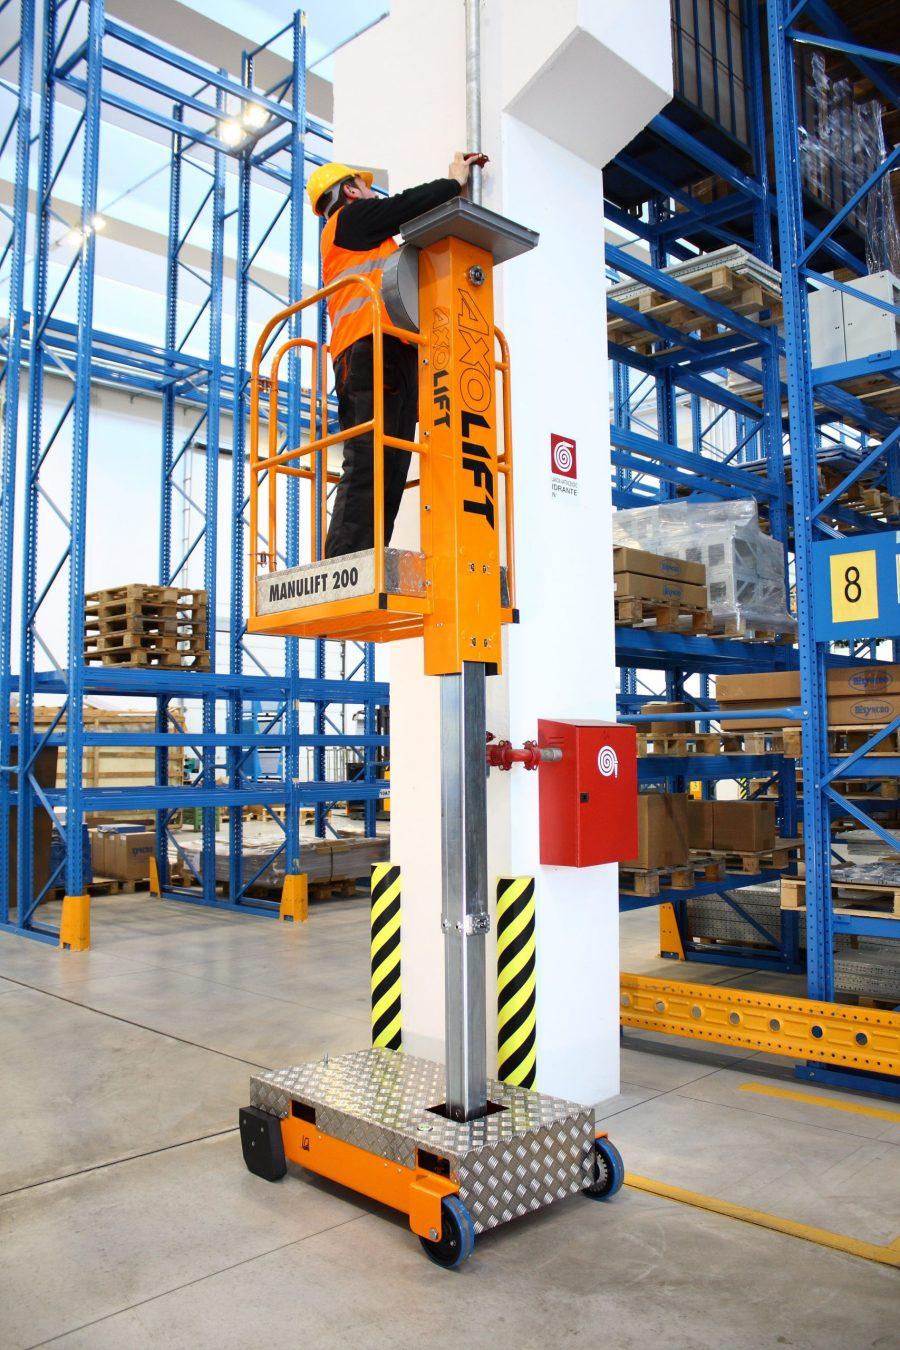 Axolift - Manulift 200-2 donvangorp.nl